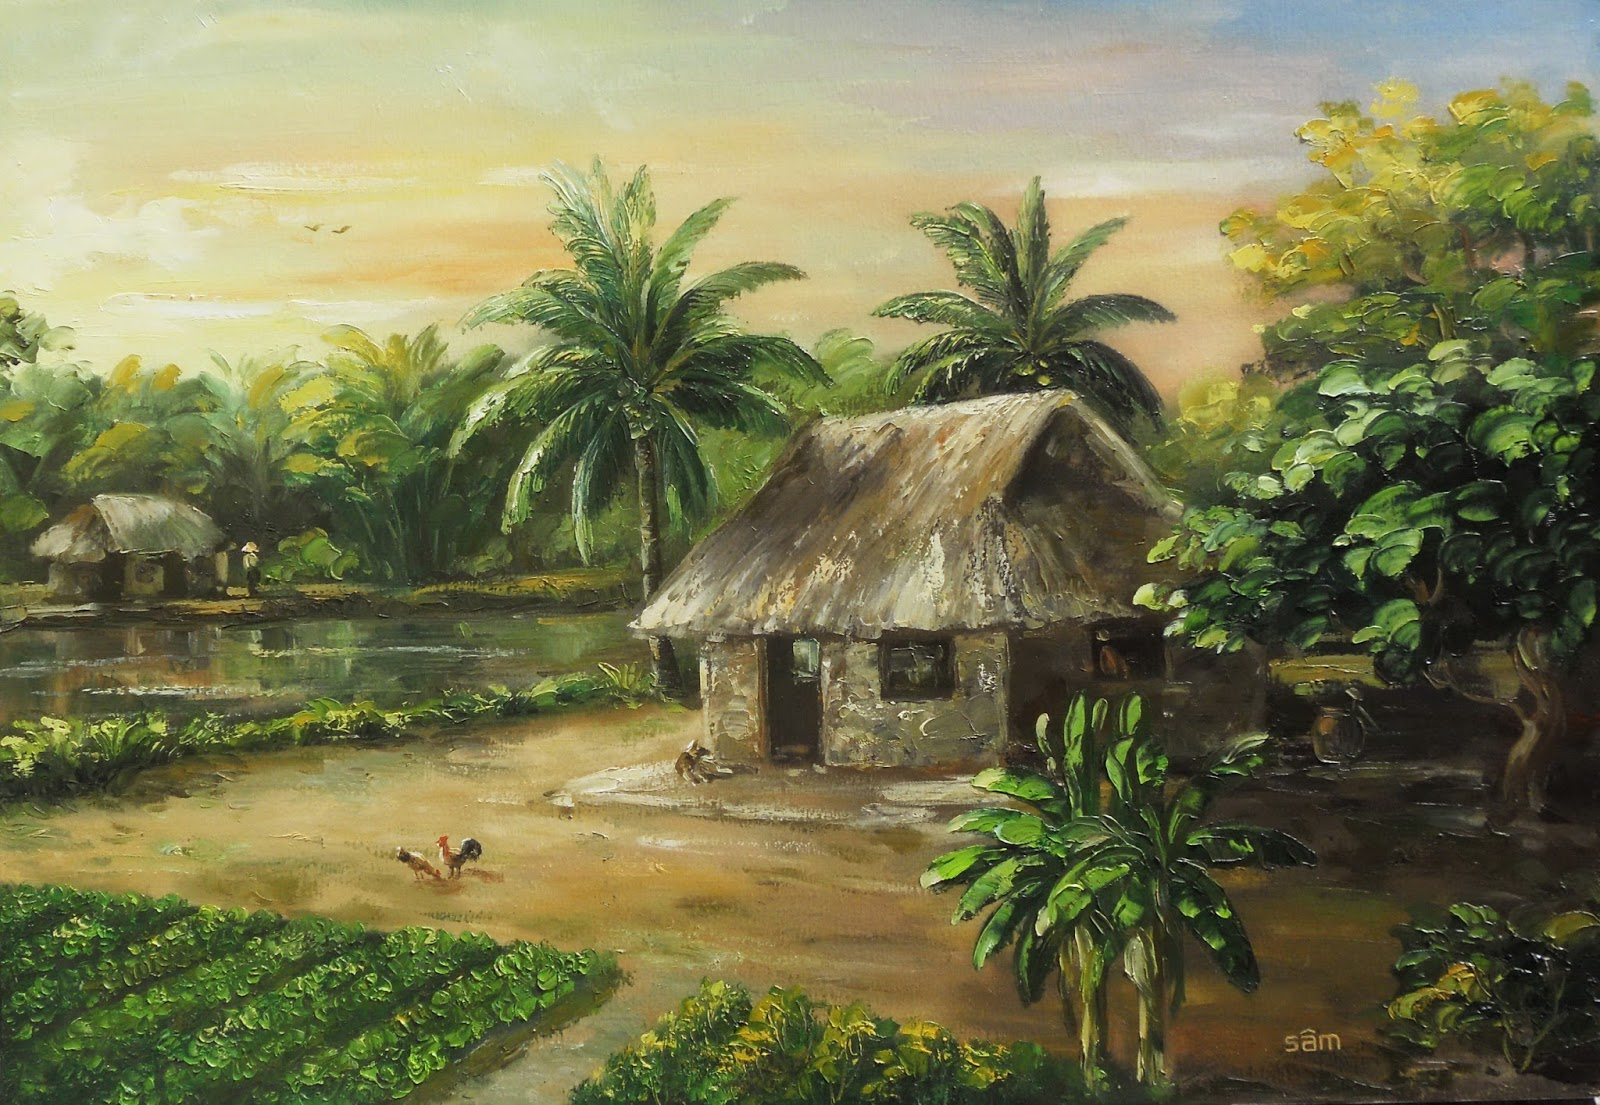 LÊ SÂM   vẽ tranh sơn dầu: tranh phong canh lang que Viet